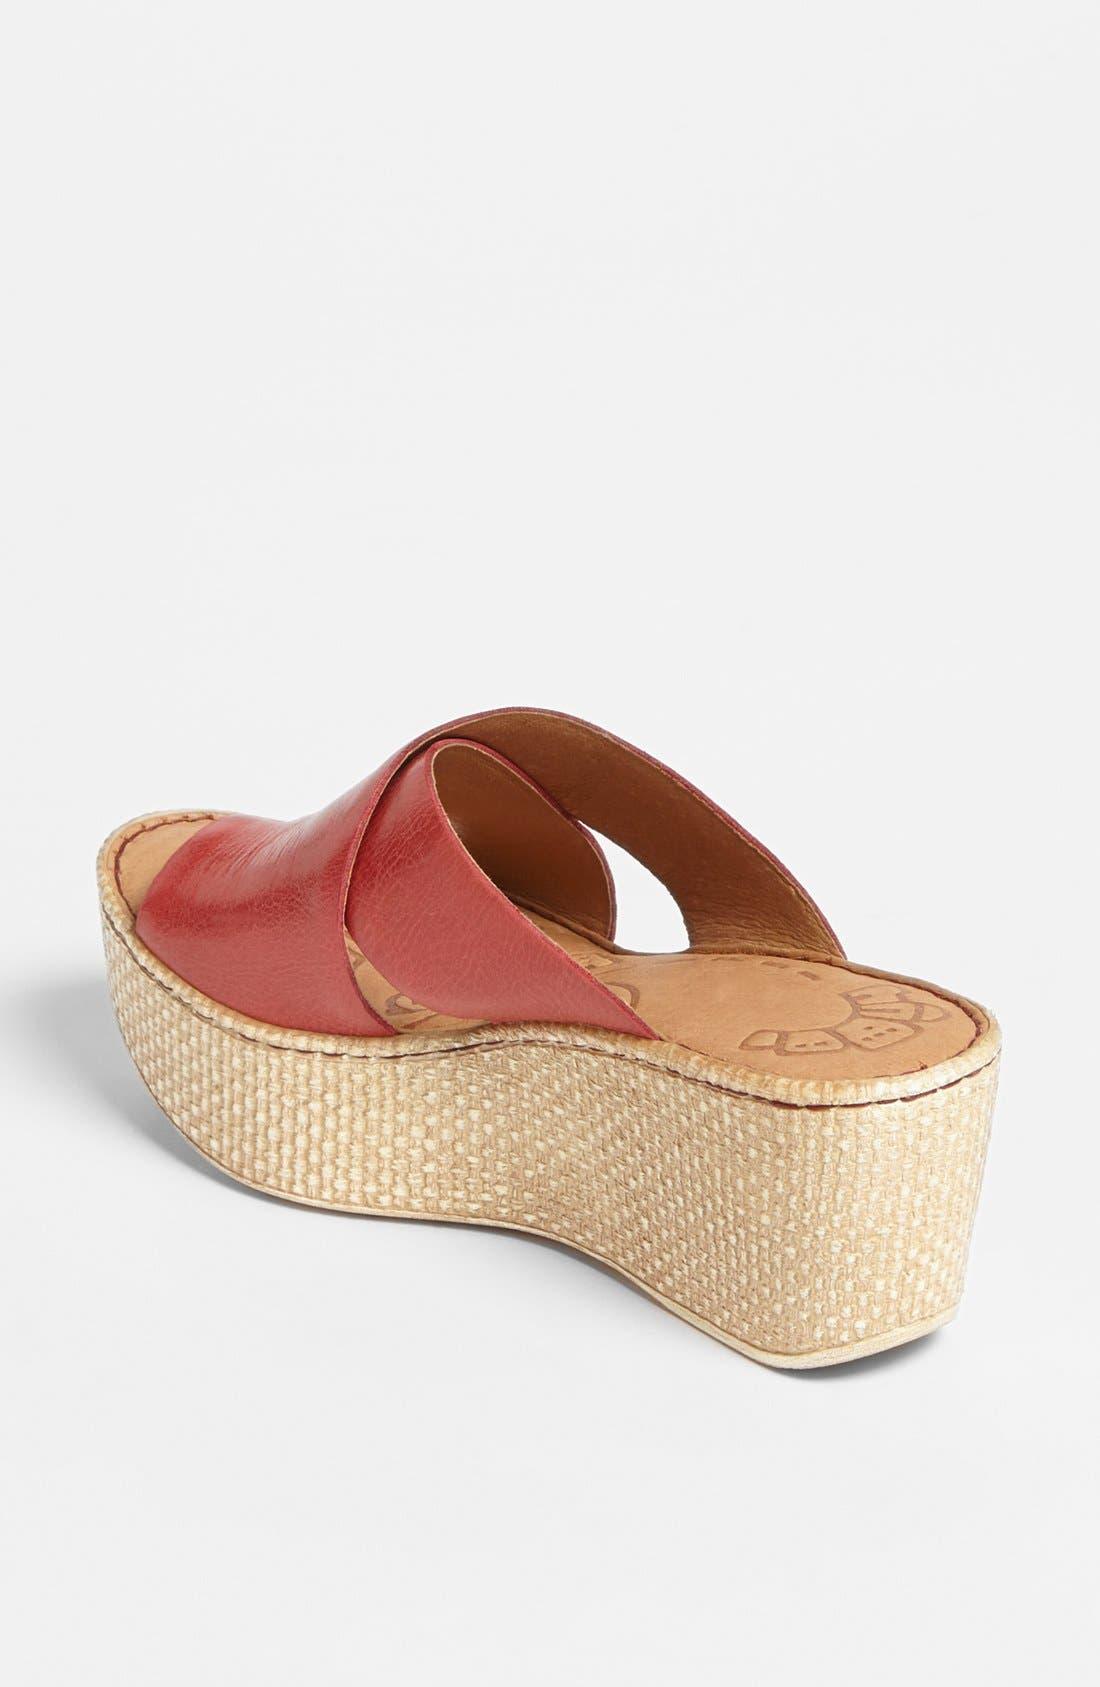 Alternate Image 2  - Børn 'Shelene' Sandal (Special Purchase)